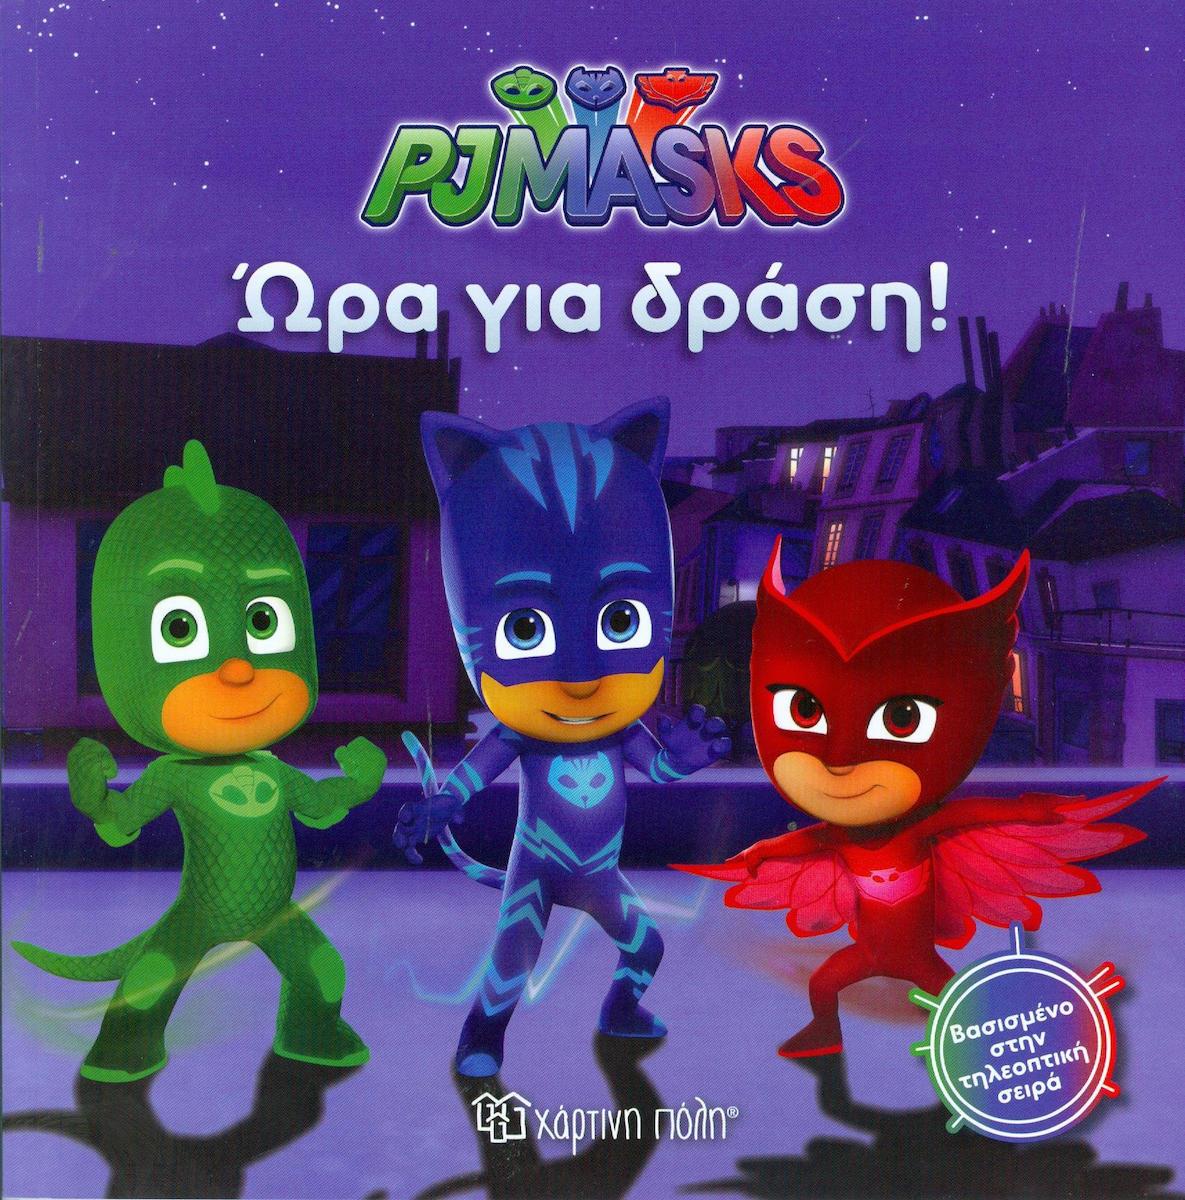 PJ MASKS 1 – ΩΡΑ ΓΙΑ ΔΡΑΣΗ - Skroutz.gr 77692b87f5f